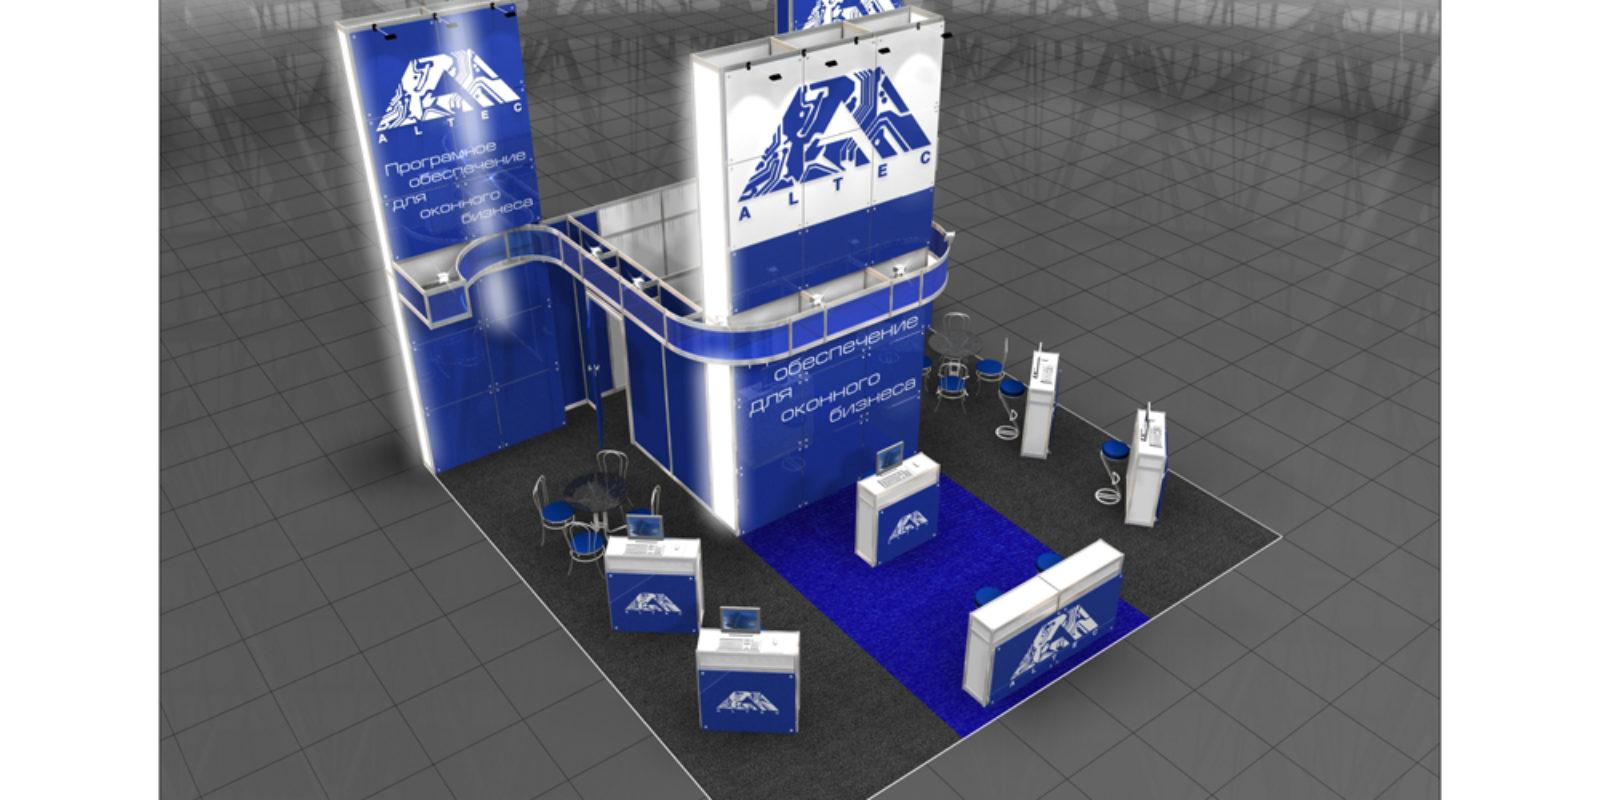 Дизайн проект выставочного стенда Altec.